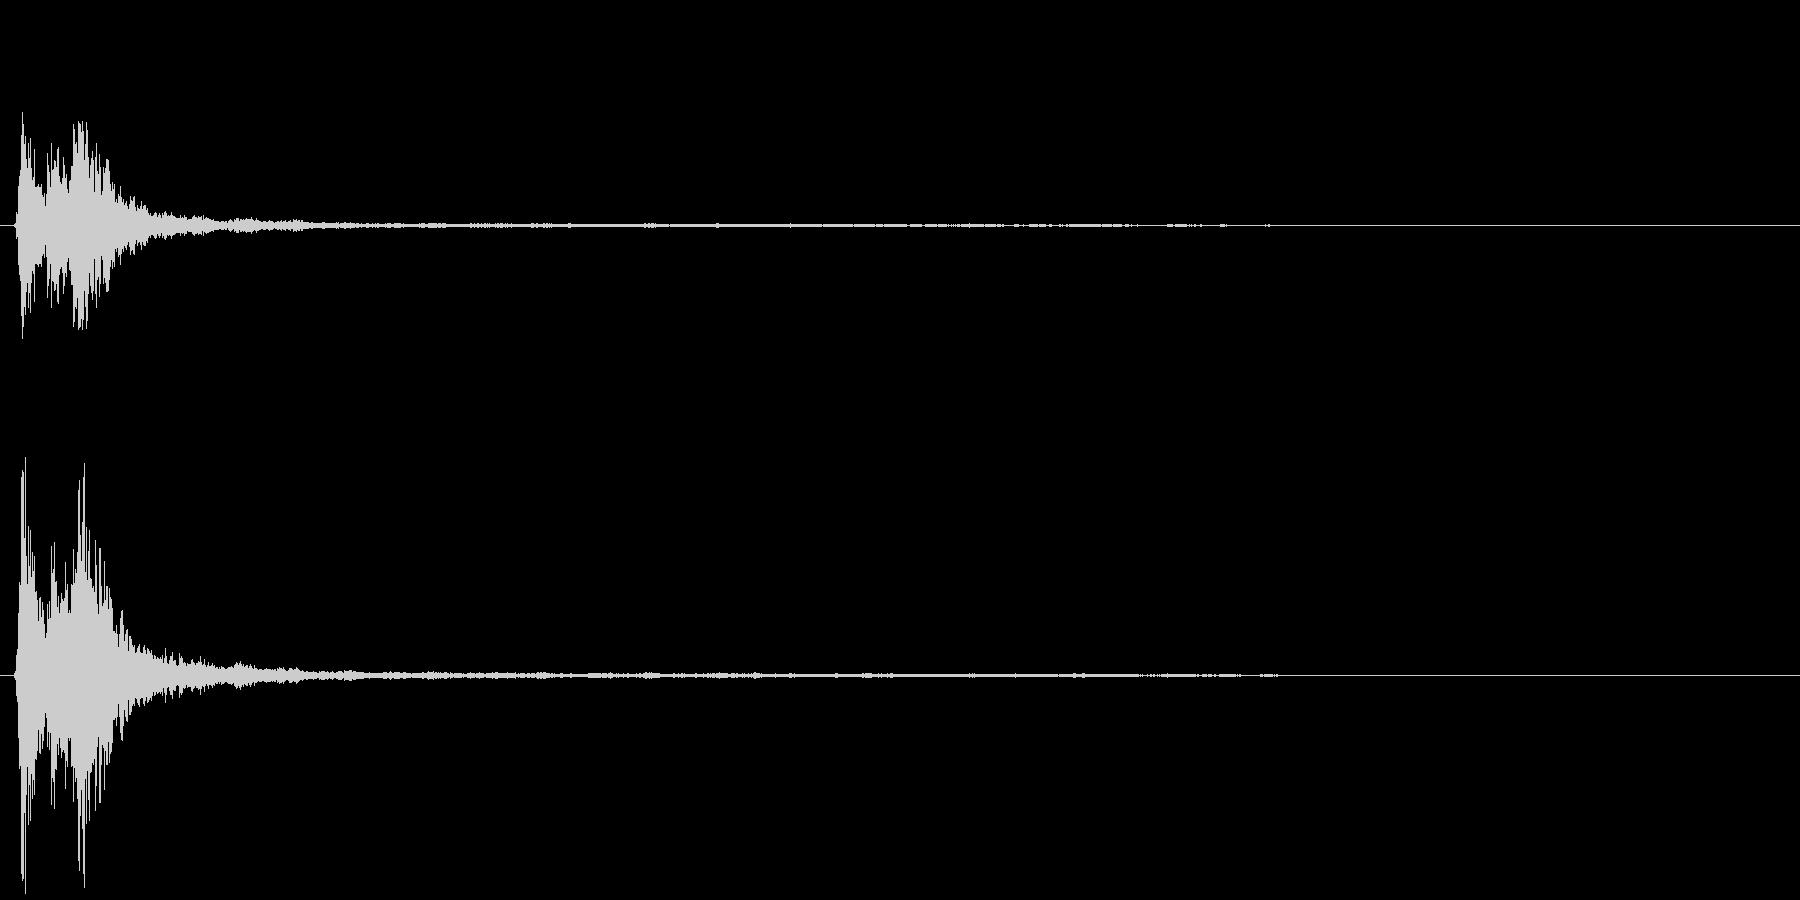 「シャシャーン」象徴的なソリベルの音1の未再生の波形